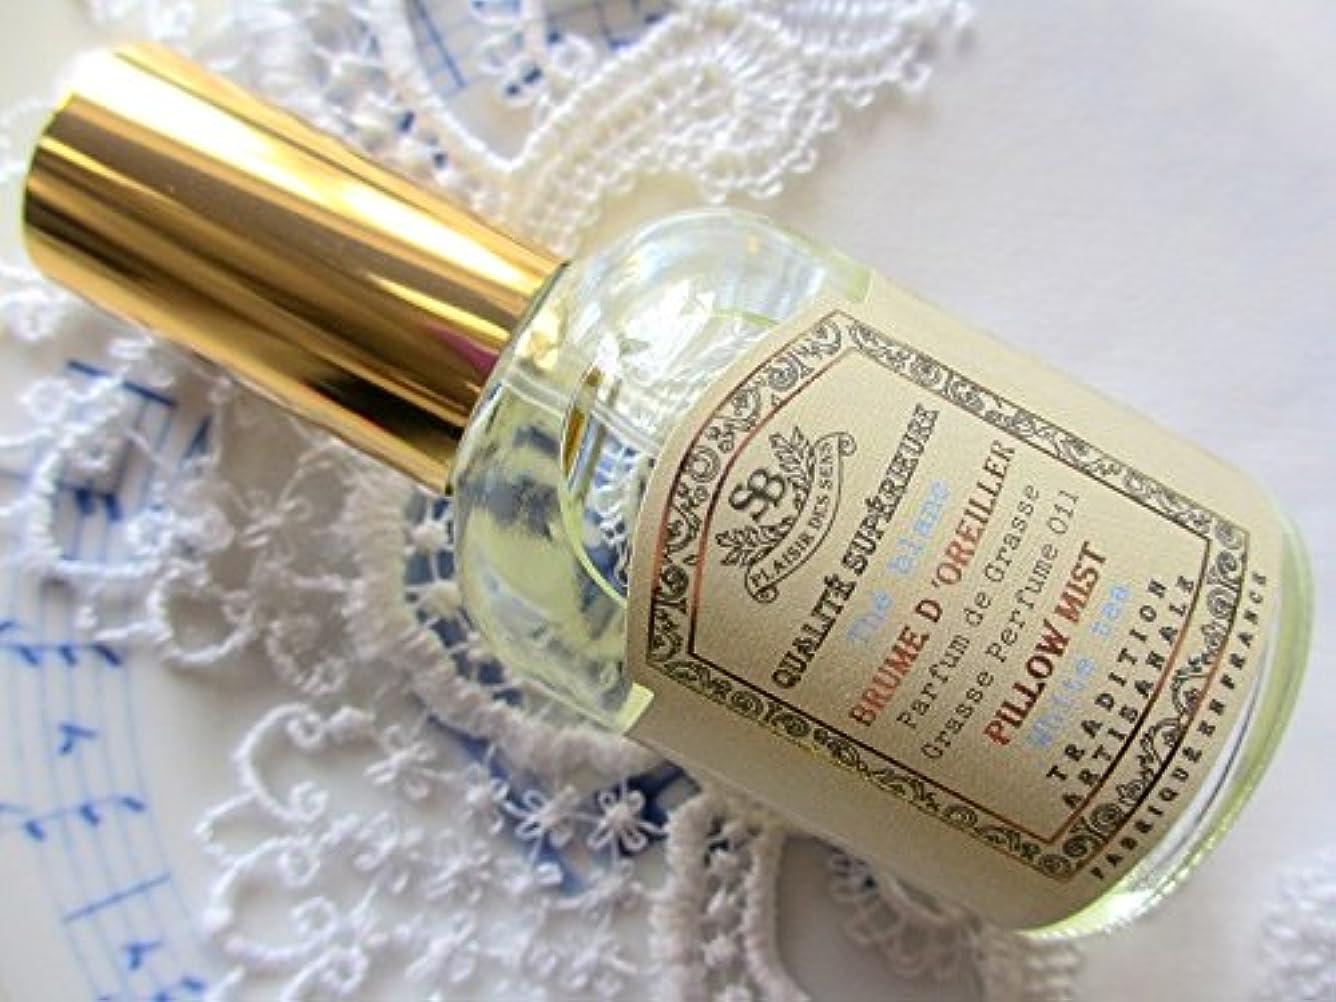 お金ドメイン靄Senteur et Beaute(サンタールエボーテ) French classic(フレンチクラシックシリーズ) ピローミスト 50ml 「ホワイトティー」 4994228024350